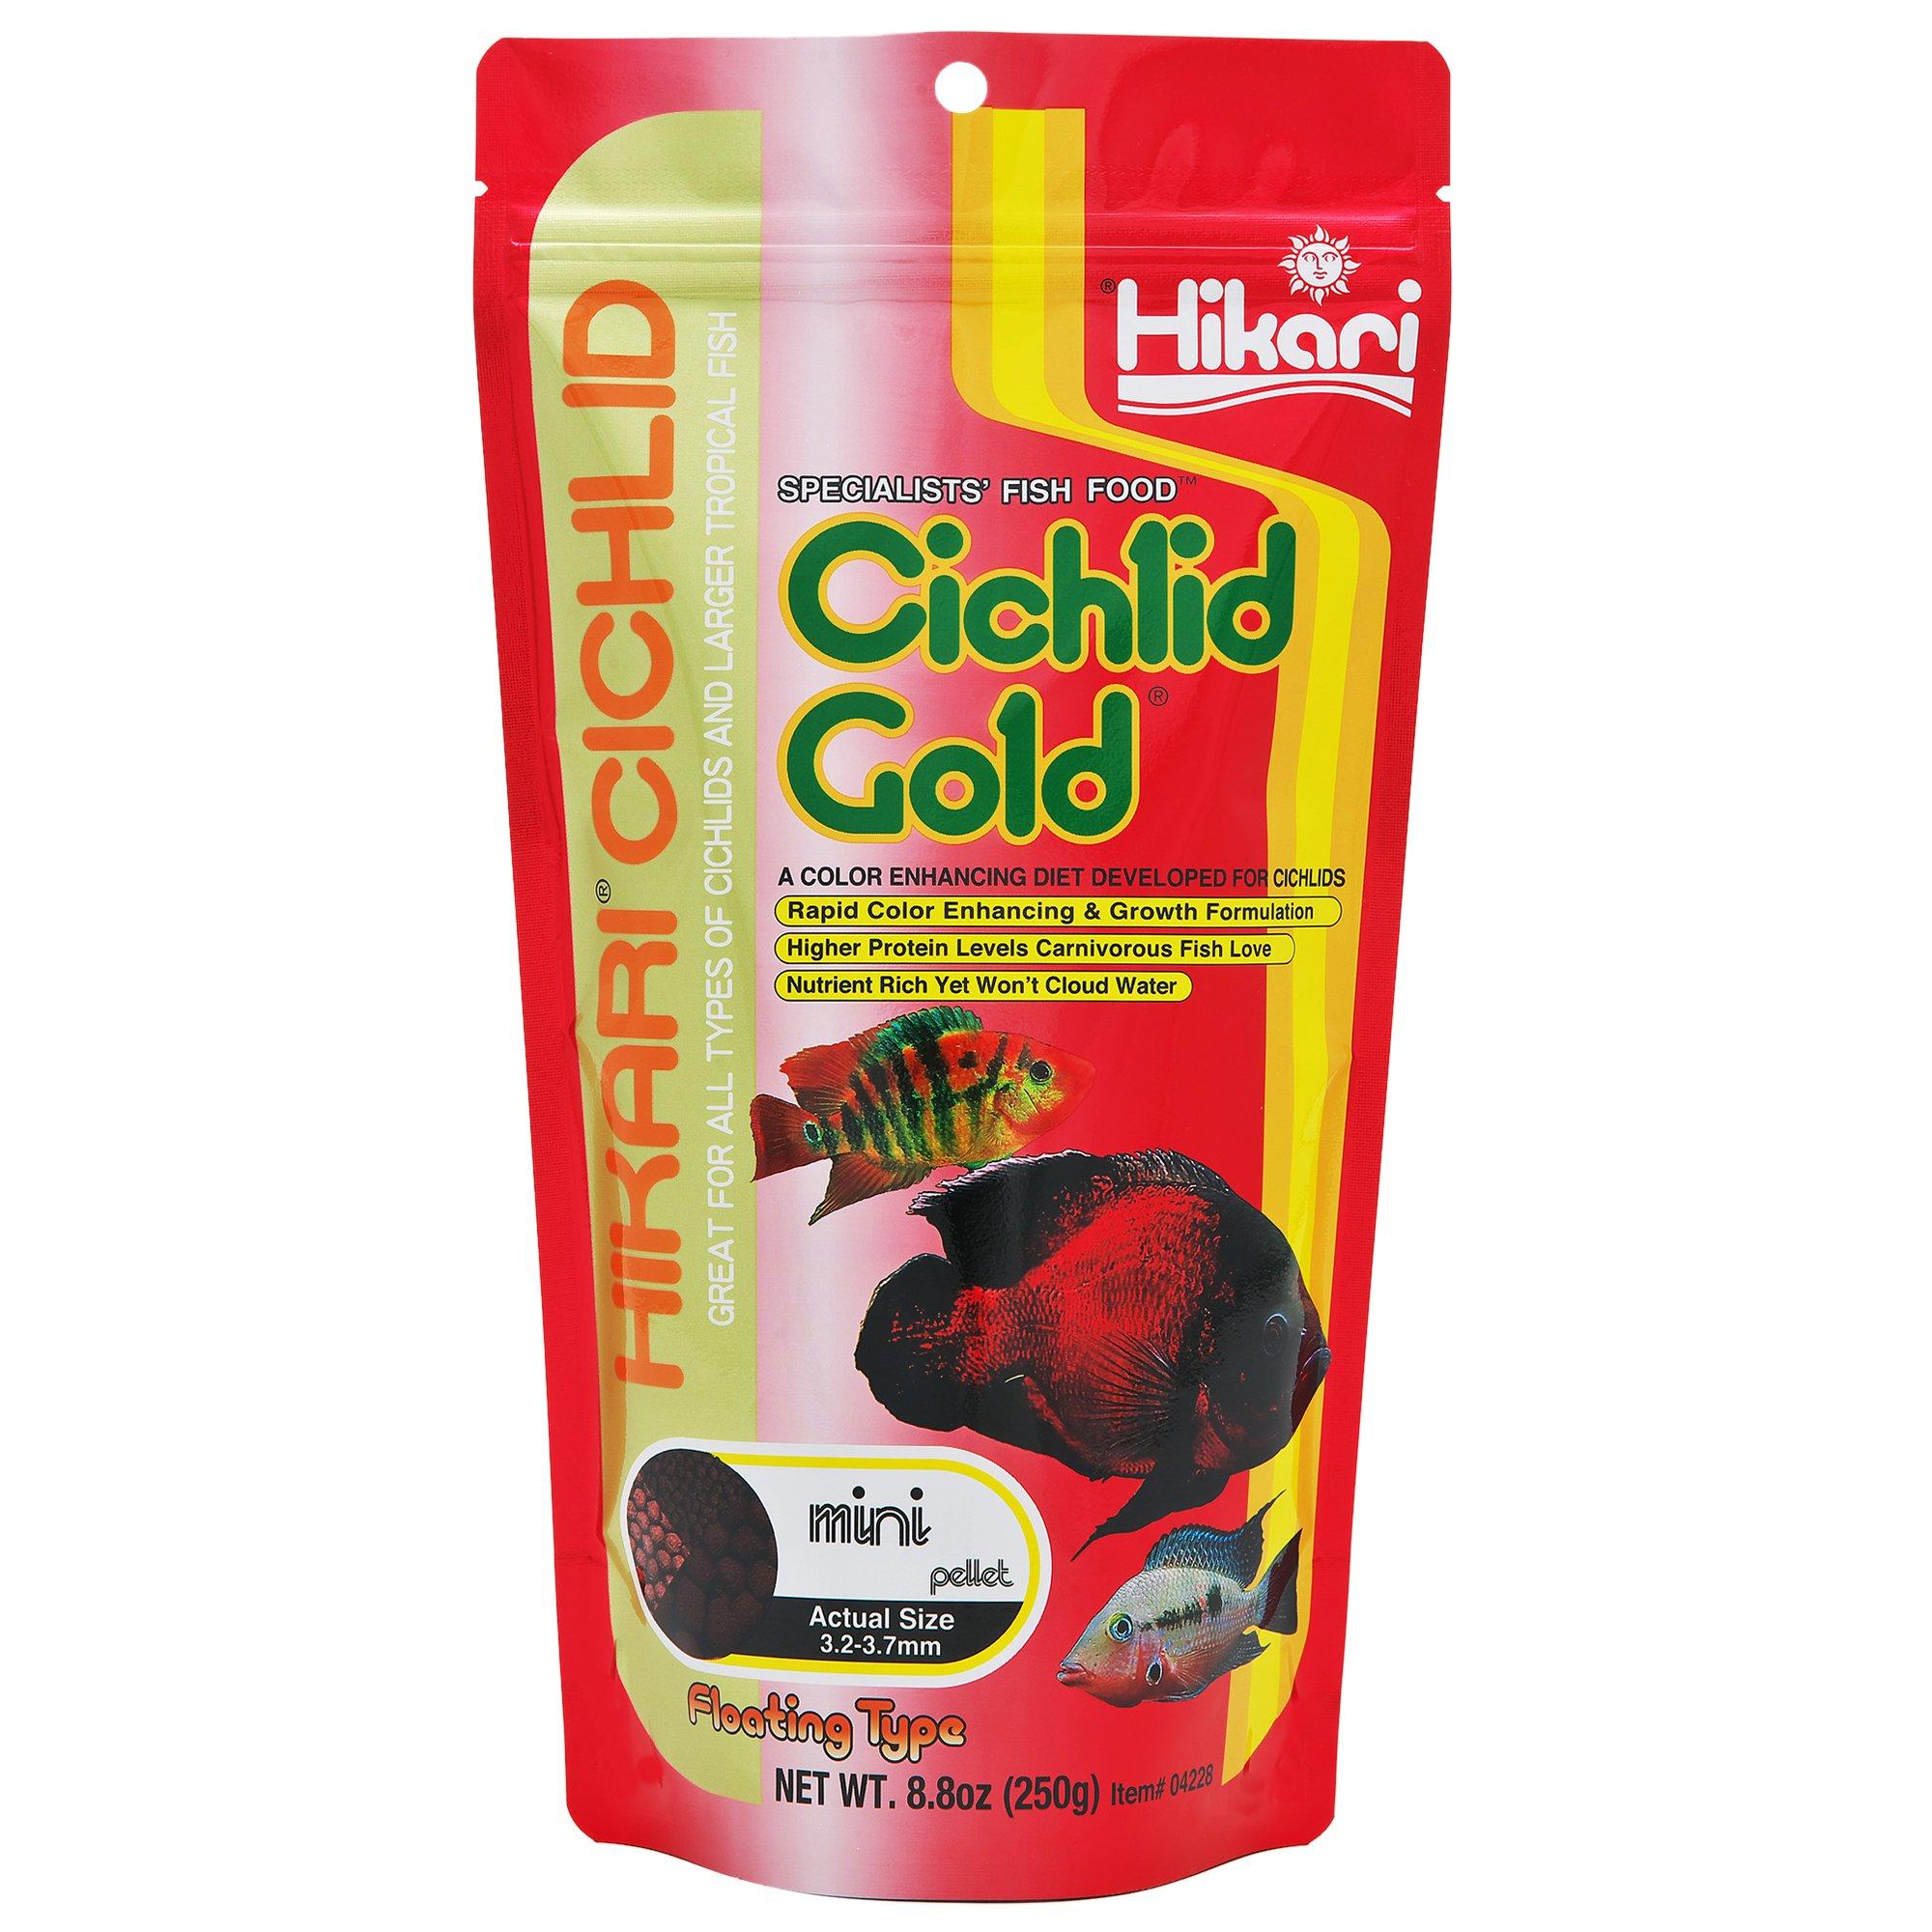 Hikari Cichlid Gold Mini Pellets